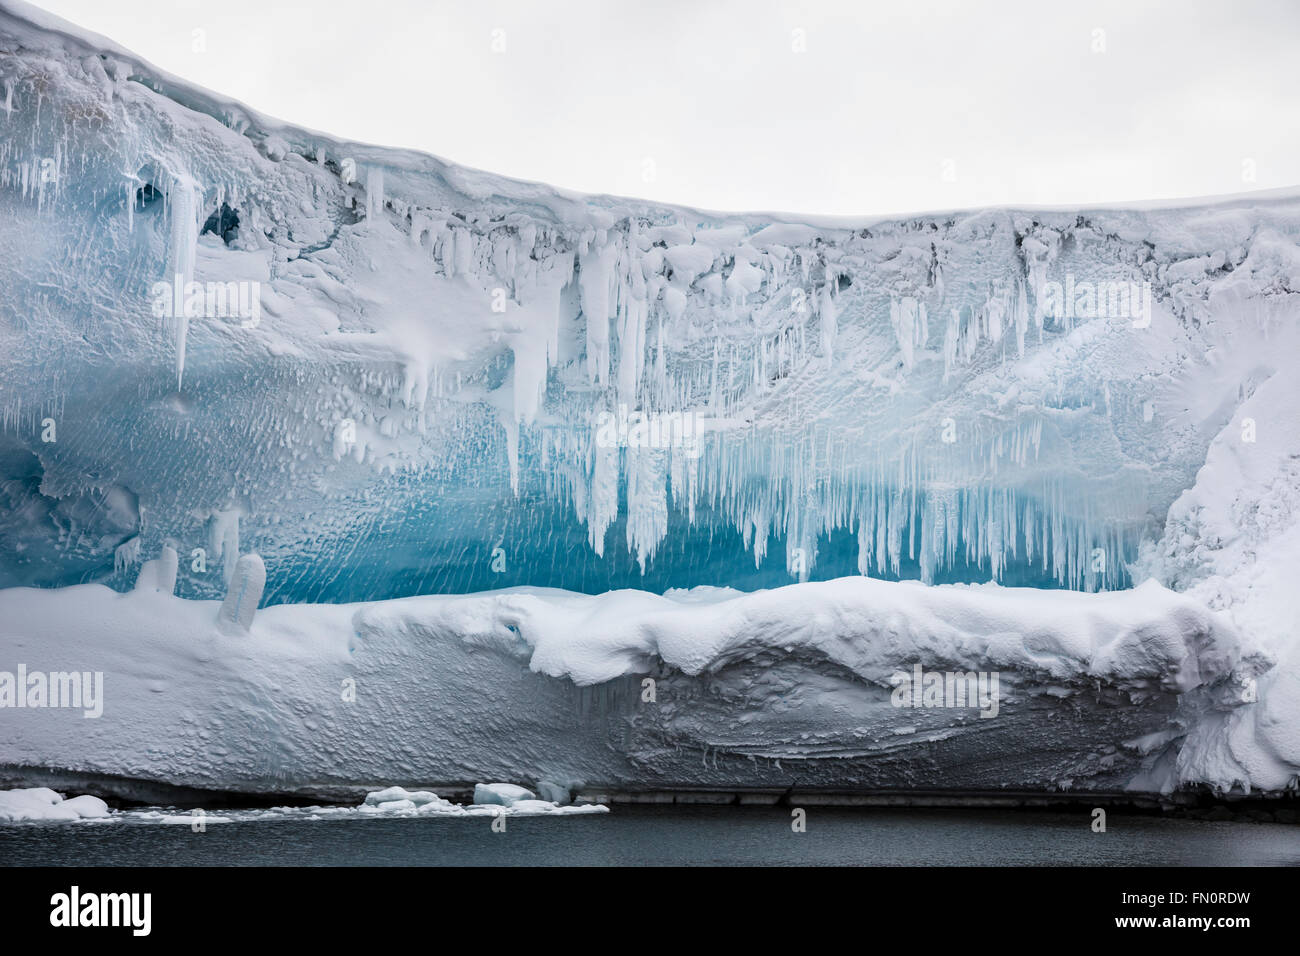 Antarktis, antarktische Halbinsel, Fisch-Inseln, Eiszapfen auf Eis Überhang oder Höhle Stockbild